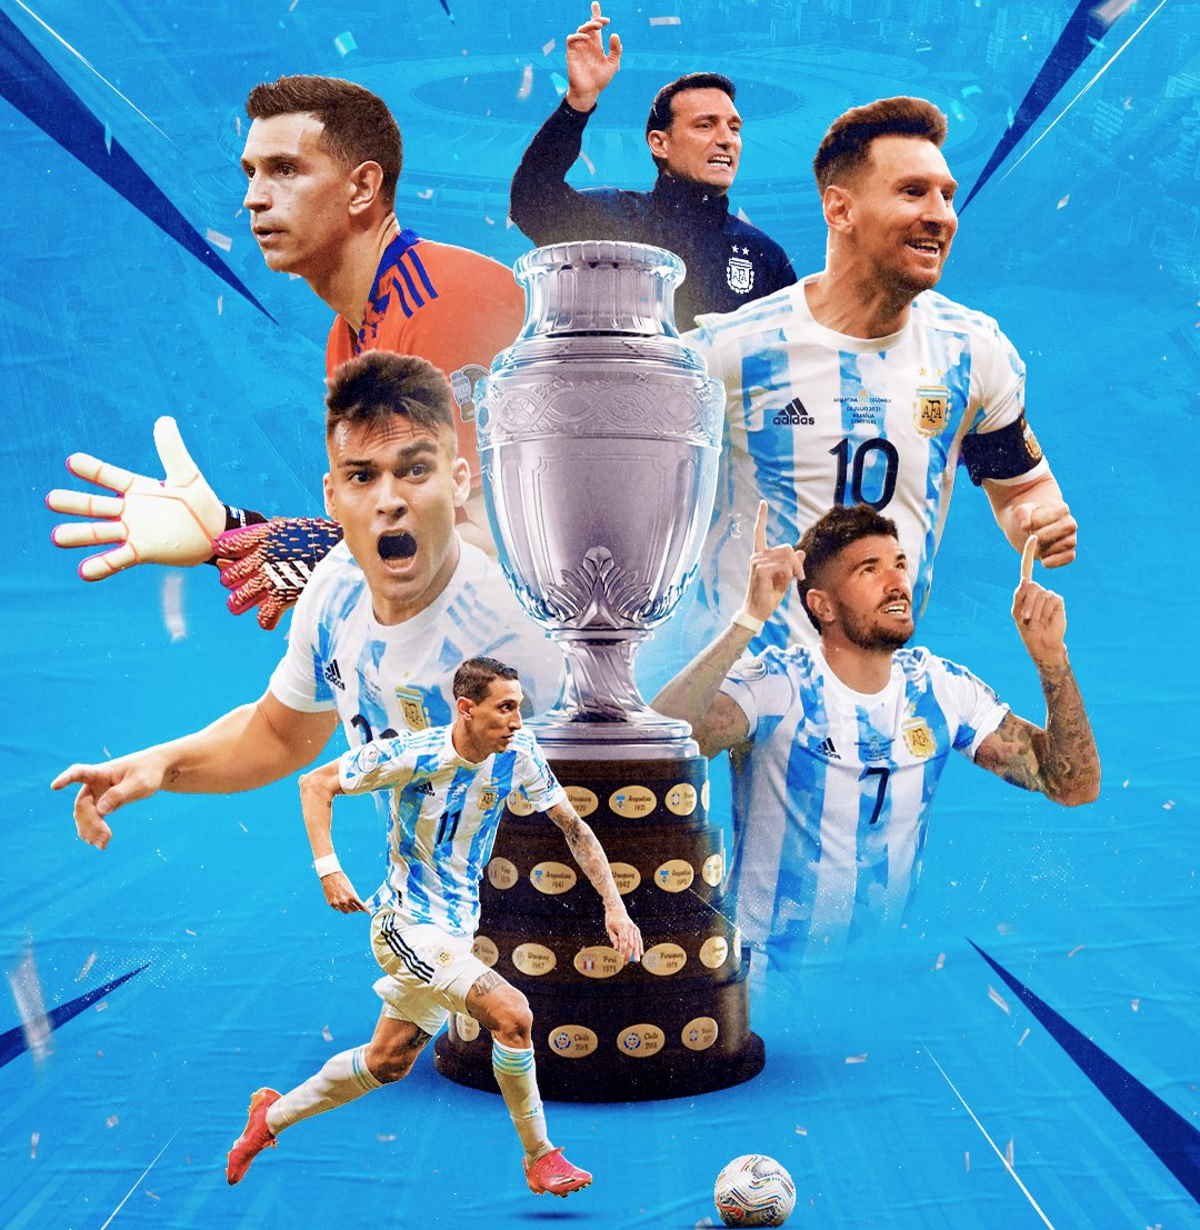 Copa América 2021, l'Argentina batte il Brasile 1-0 e dopo 28 anni torna a vincere un trofeo